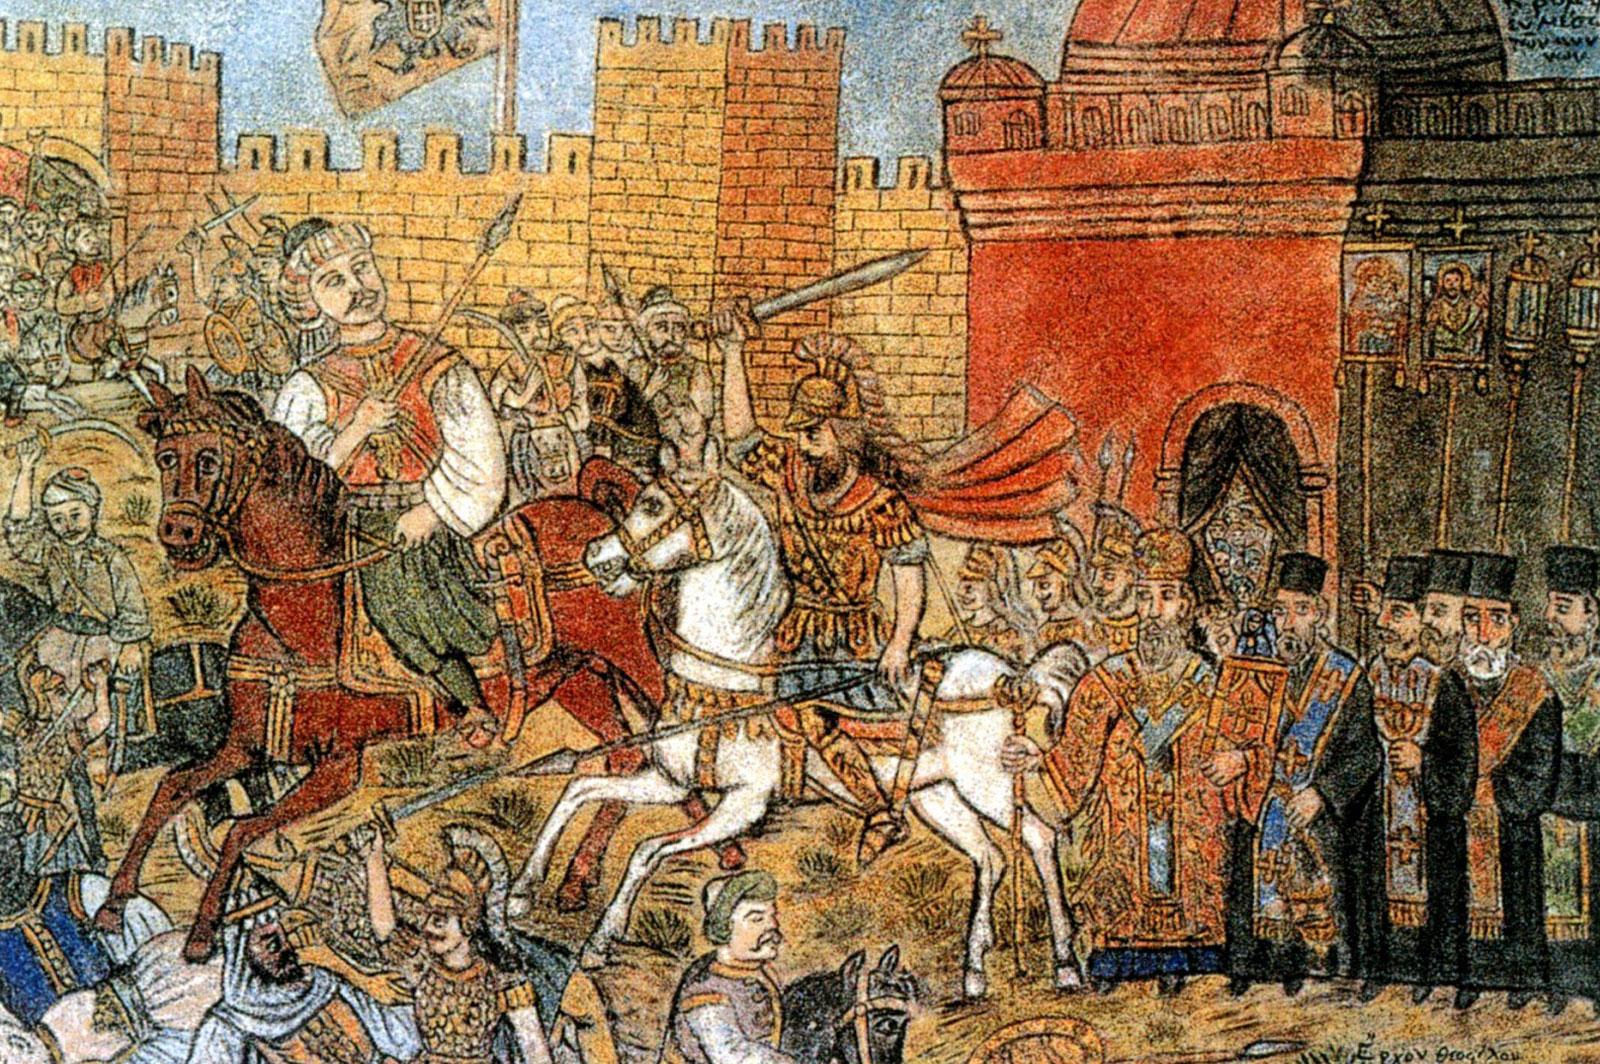 4-Ελένη-Γλύκατζη--Αρβελέρ-μύθοi-για-την-Άλωση-της-Κωνσταντινούπολης,-29-Μαίου-1453